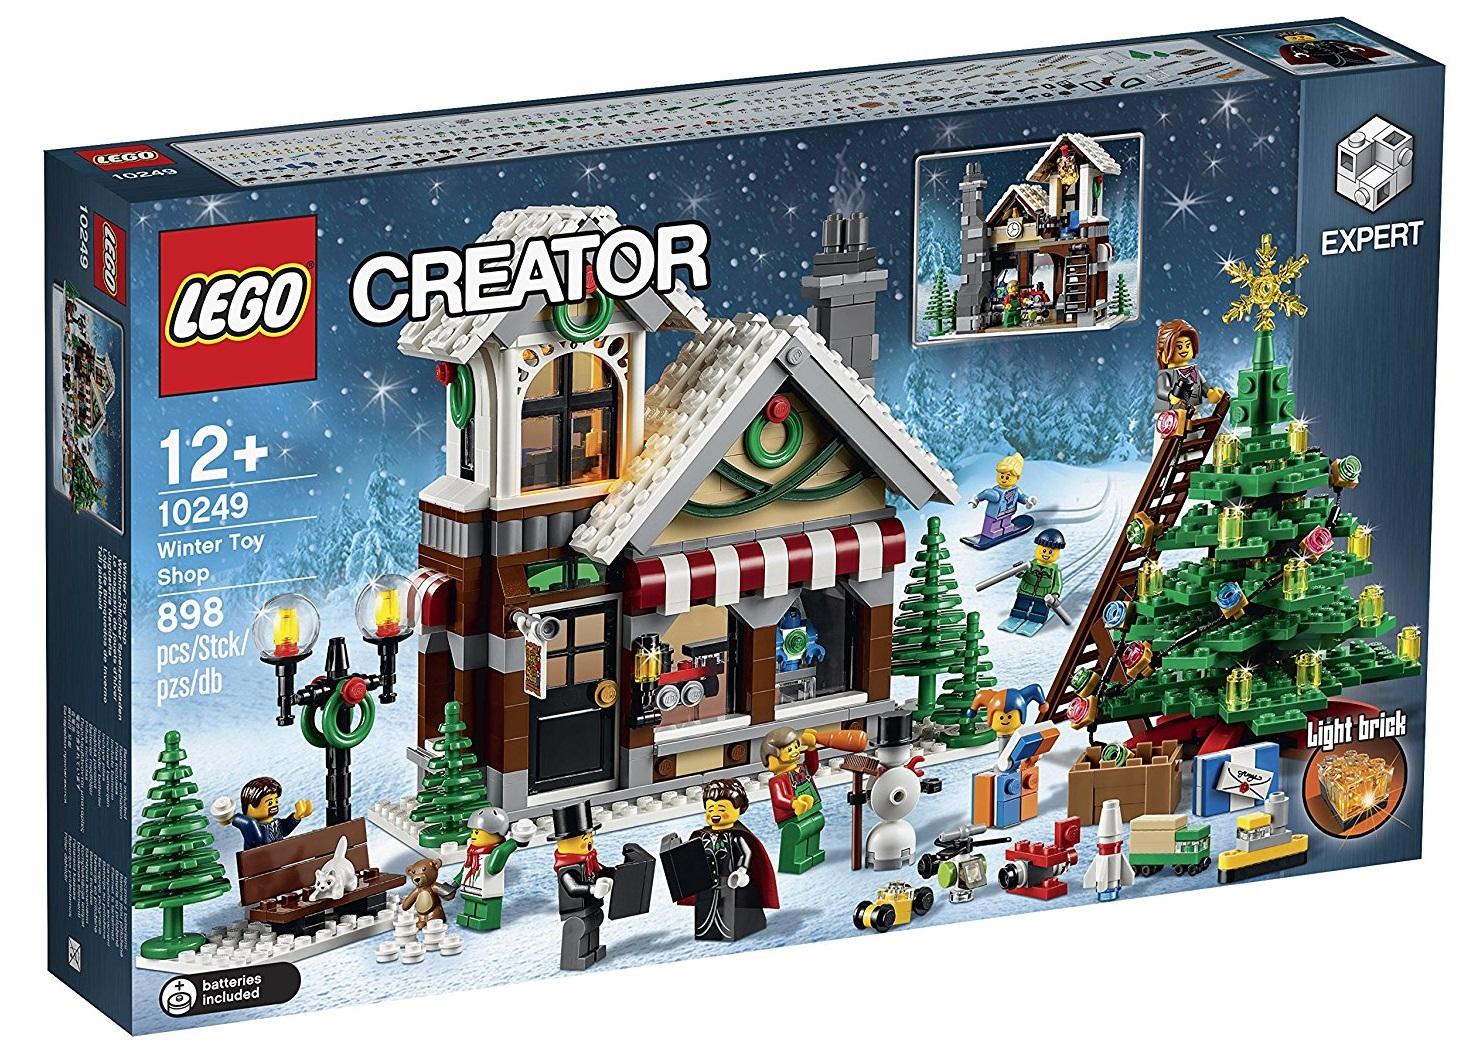 Lego Creator 10249, Negozio di Giocattoli Invernale